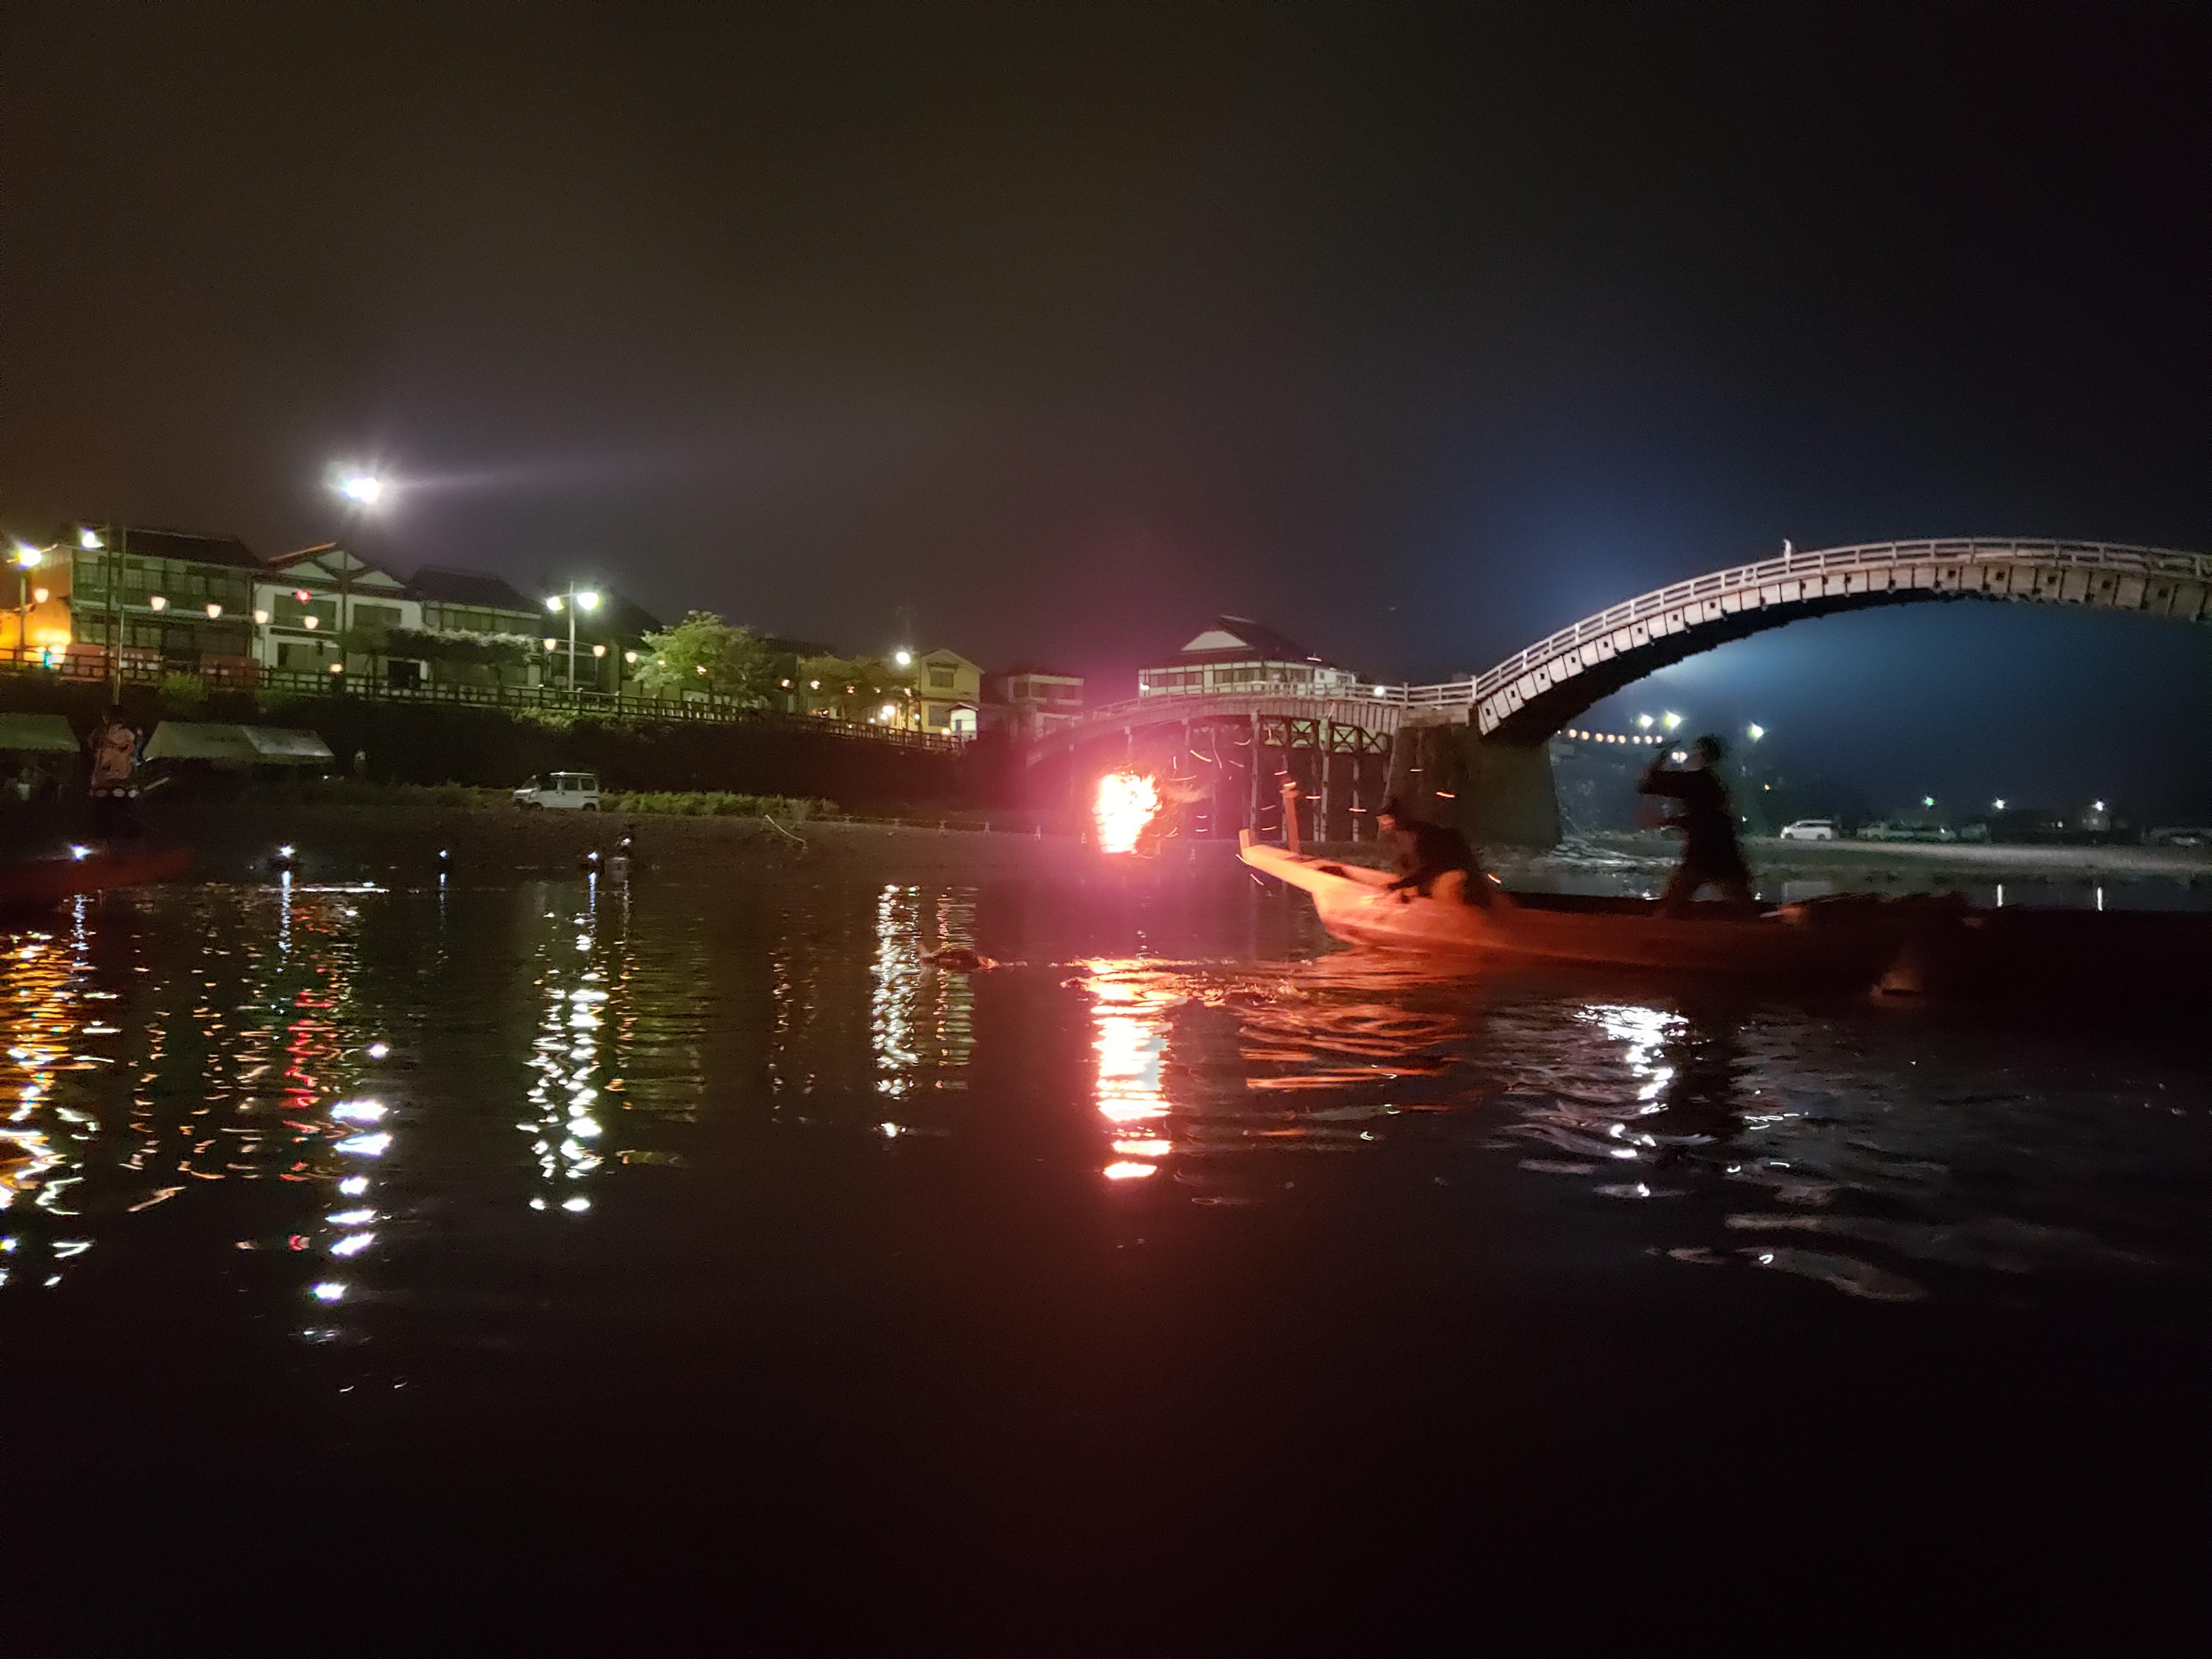 錦帯橋 鵜飼遊覧 岩国市 ギャラリーパティオの現場ブログ メイン写真